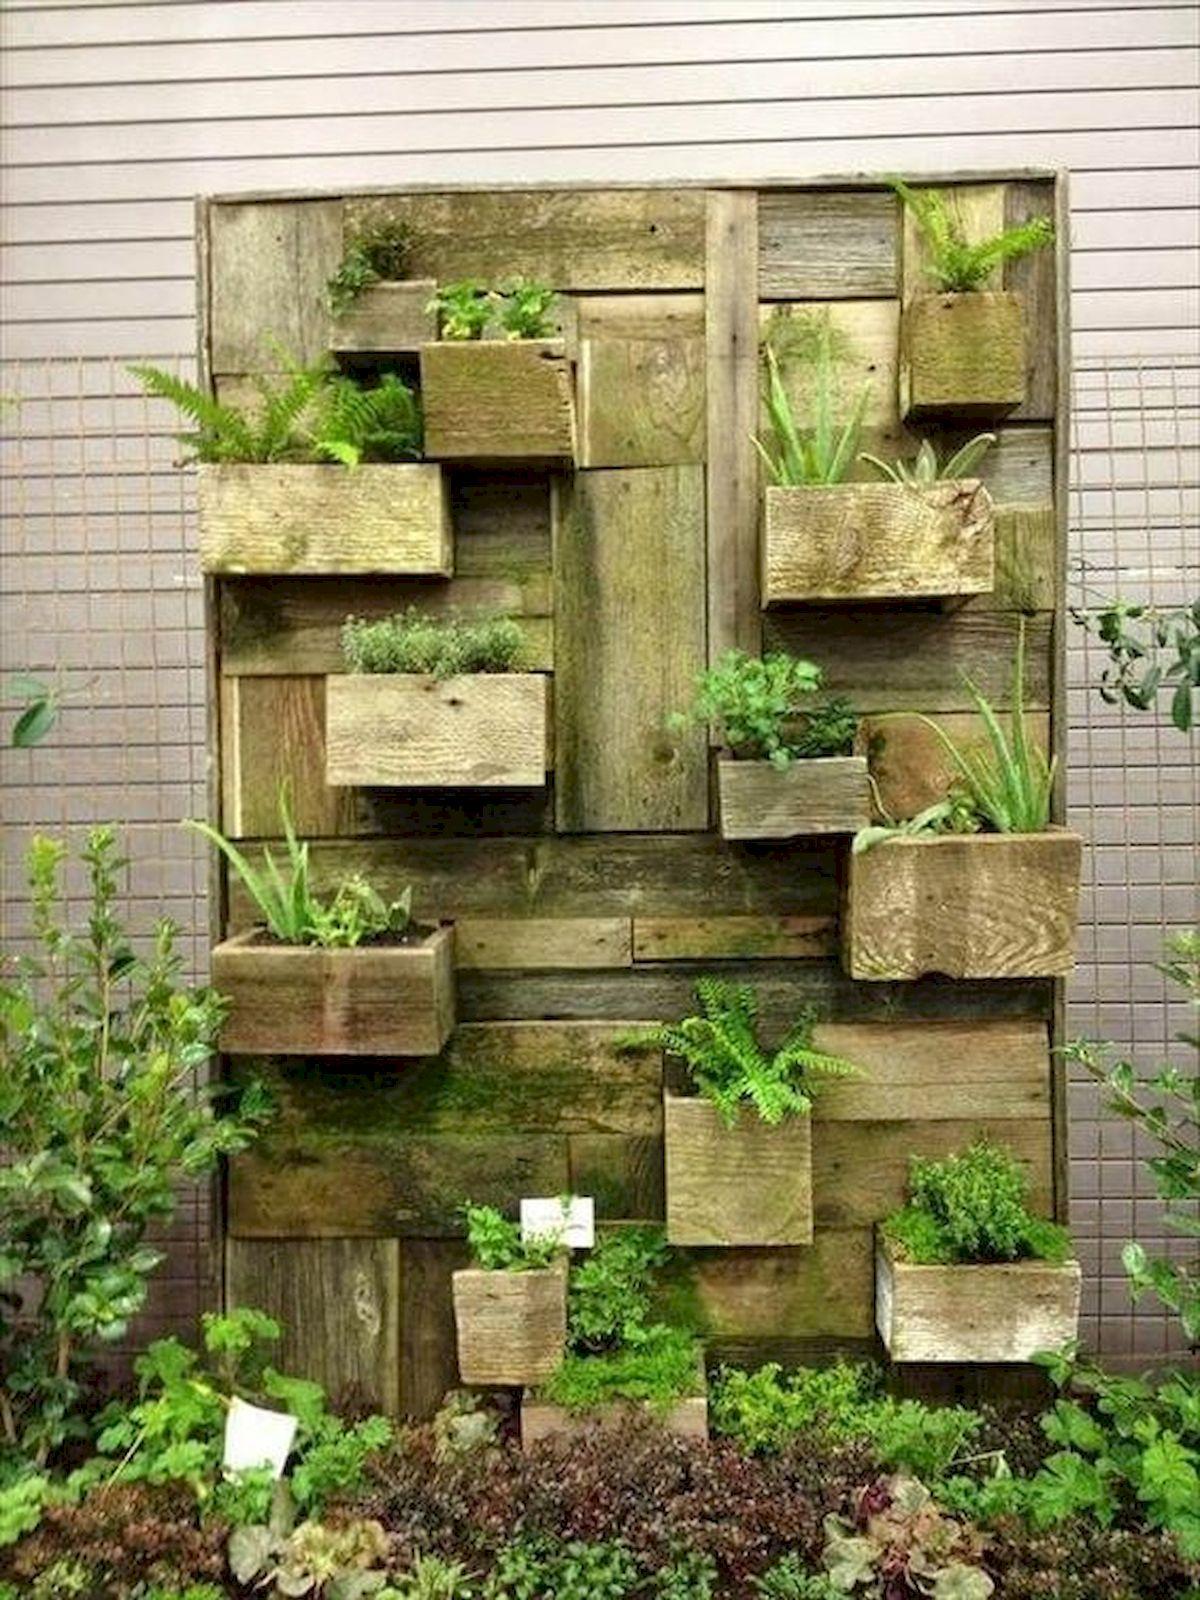 44 Creative DIY Vertical Garden Ideas To Make Your Home Beautiful (41)